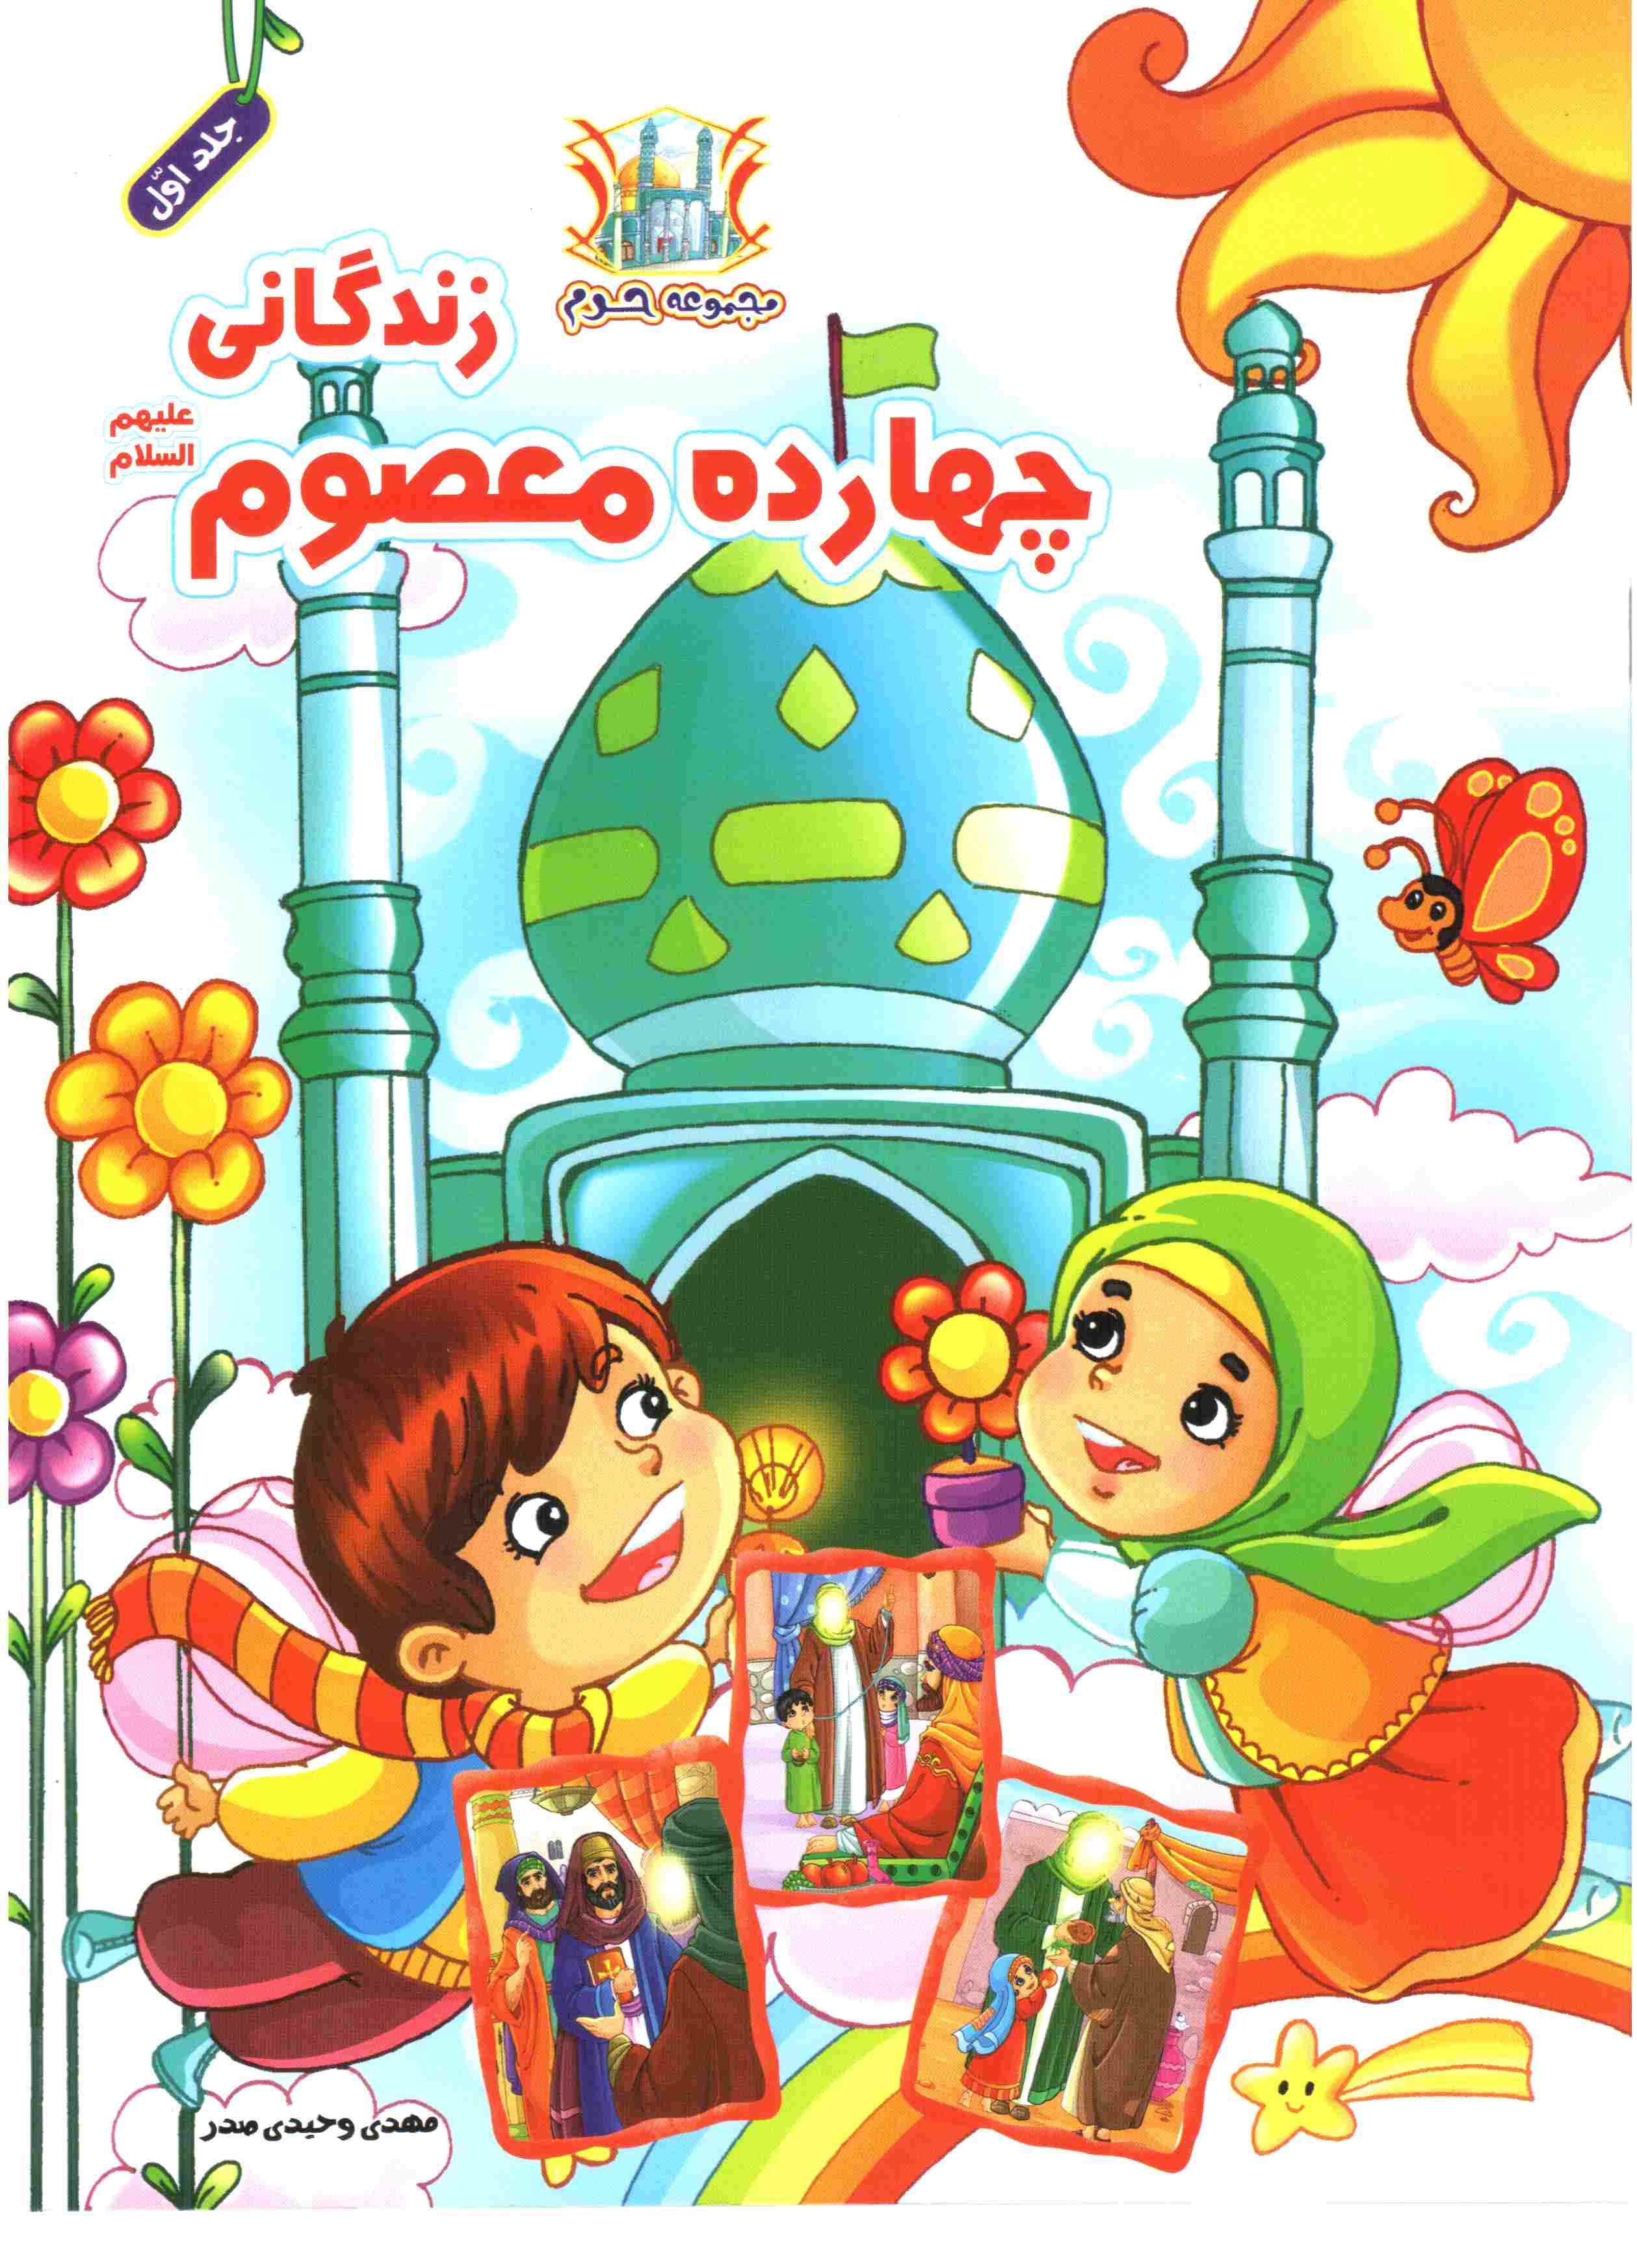 کتاب زندگانی 14 معصوم ع برای کودکان/Mohammed